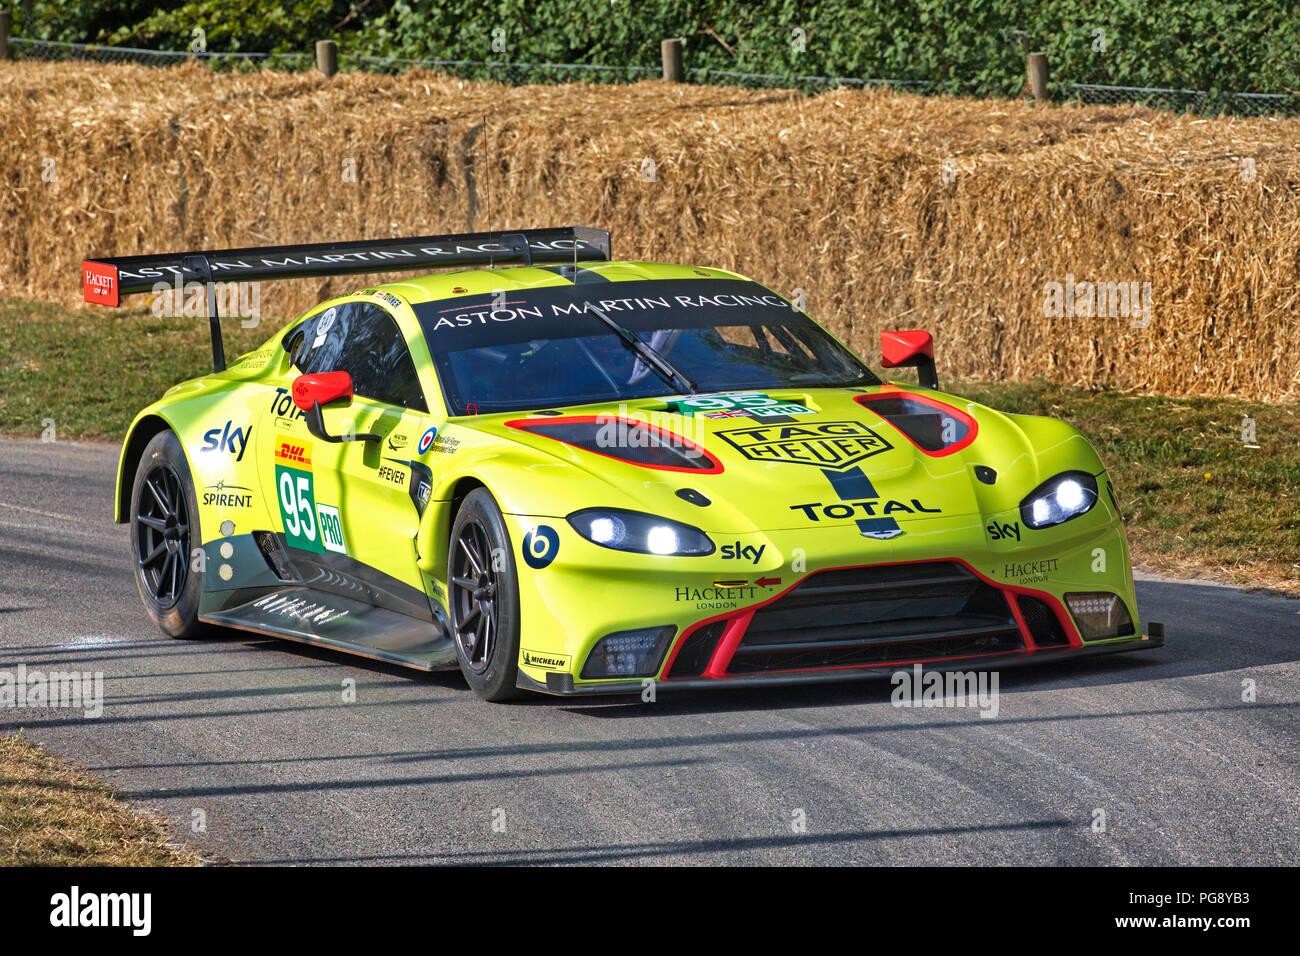 2018 Aston Martin V8 Vantage Gte Le Mans Racer Mit Fahrer Nicki Thiim Am Goodwood Festival 2018 Von Geschwindigkeit Sussex Uk Stockfotografie Alamy